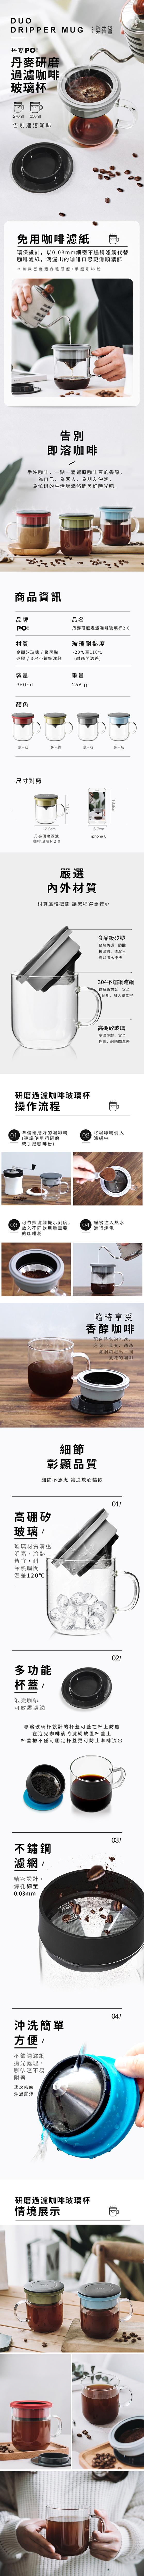 (複製)PO:Selected|丹麥手沖咖啡三件組(咖啡壺-黑/玻璃杯240ml-藍/咖啡磨2.0)